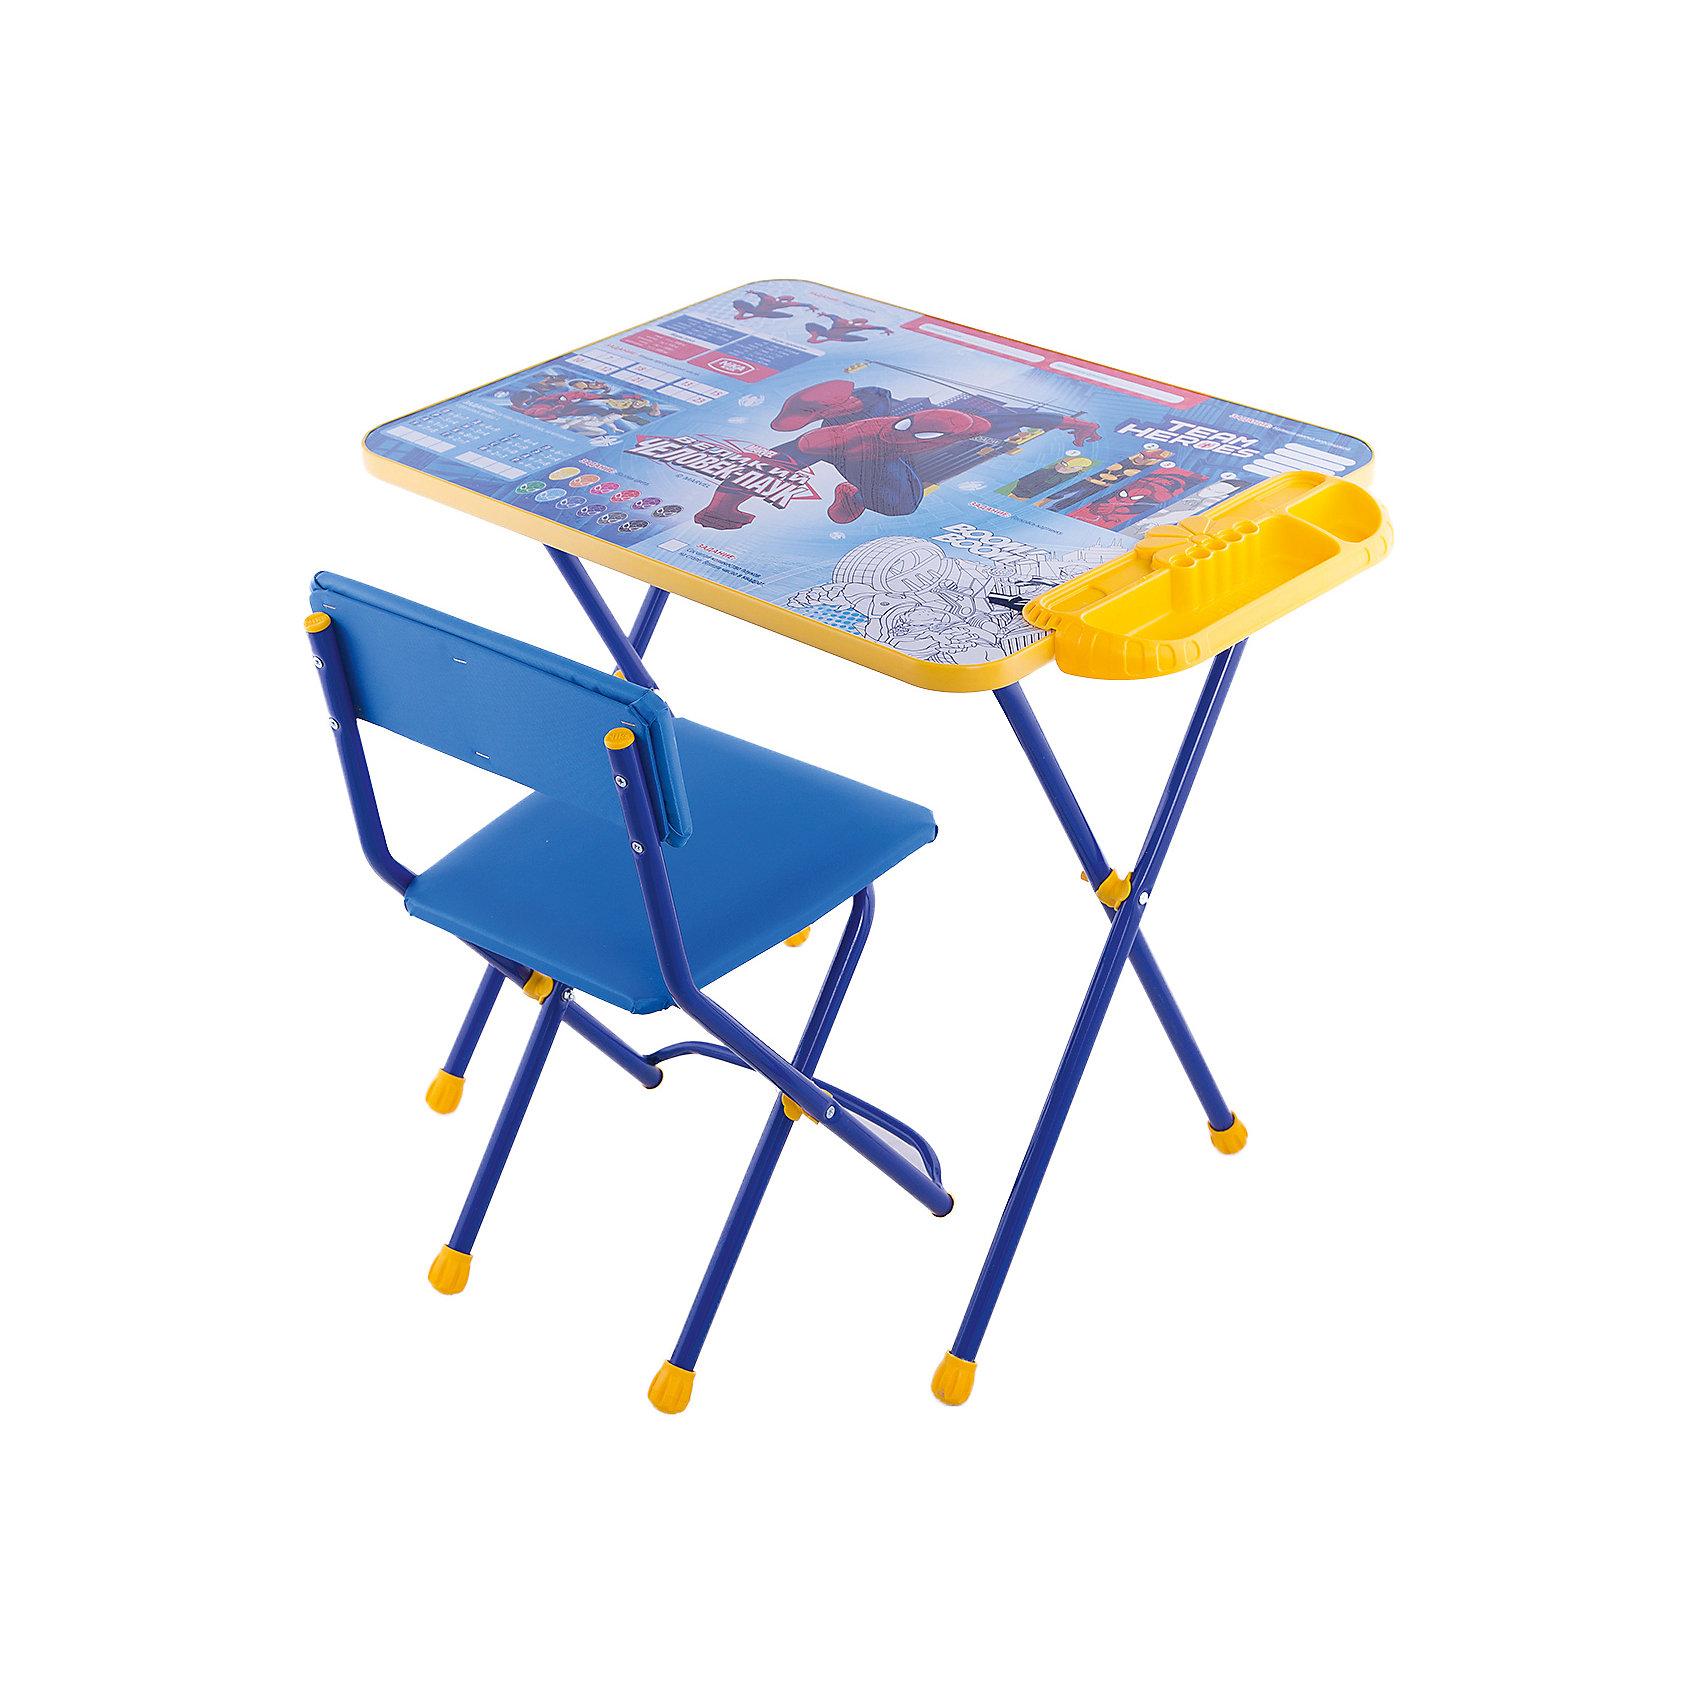 Набор мебели Человек ПаукНабор детской мебели Человек Паук состоит из трех предметов: стол-парта и стульчик и пластиковый пенал. За столиком можно рисовать, играть, принимать пищу, заниматься, учится, а для того чтобы не затерялись письменные принадлежности, на кромке стола есть специальный пенальчик. <br>При необходимости, стол и стул возможно сложить, они очень компактны в собранном виде, это дает возможность использования данного комплекта мебели даже в небольшой комнате. <br><br>Дополнительная информация:<br><br>В комплект входит стол-парта и стул, пенал( пластиковый).<br>- Металлический каркас.<br>- Столешница облицована пленкой с тематическими рисунками.<br>- На ножках стула установлены пластмассовые наконечники.<br>- Размер столика: 60х45х52 см.<br>- Размер стула: высота до сиденья 29 см, высота со спинкой 54 см.<br>Сиденье: 29х26 см.<br>- Возраст: от 1,5 лет<br><br>Набор мебели Человек Паук  можно купить в нашем магазине.<br><br>Ширина мм: 9999<br>Глубина мм: 9999<br>Высота мм: 9999<br>Вес г: 8000<br>Возраст от месяцев: 36<br>Возраст до месяцев: 108<br>Пол: Унисекс<br>Возраст: Детский<br>SKU: 4718364